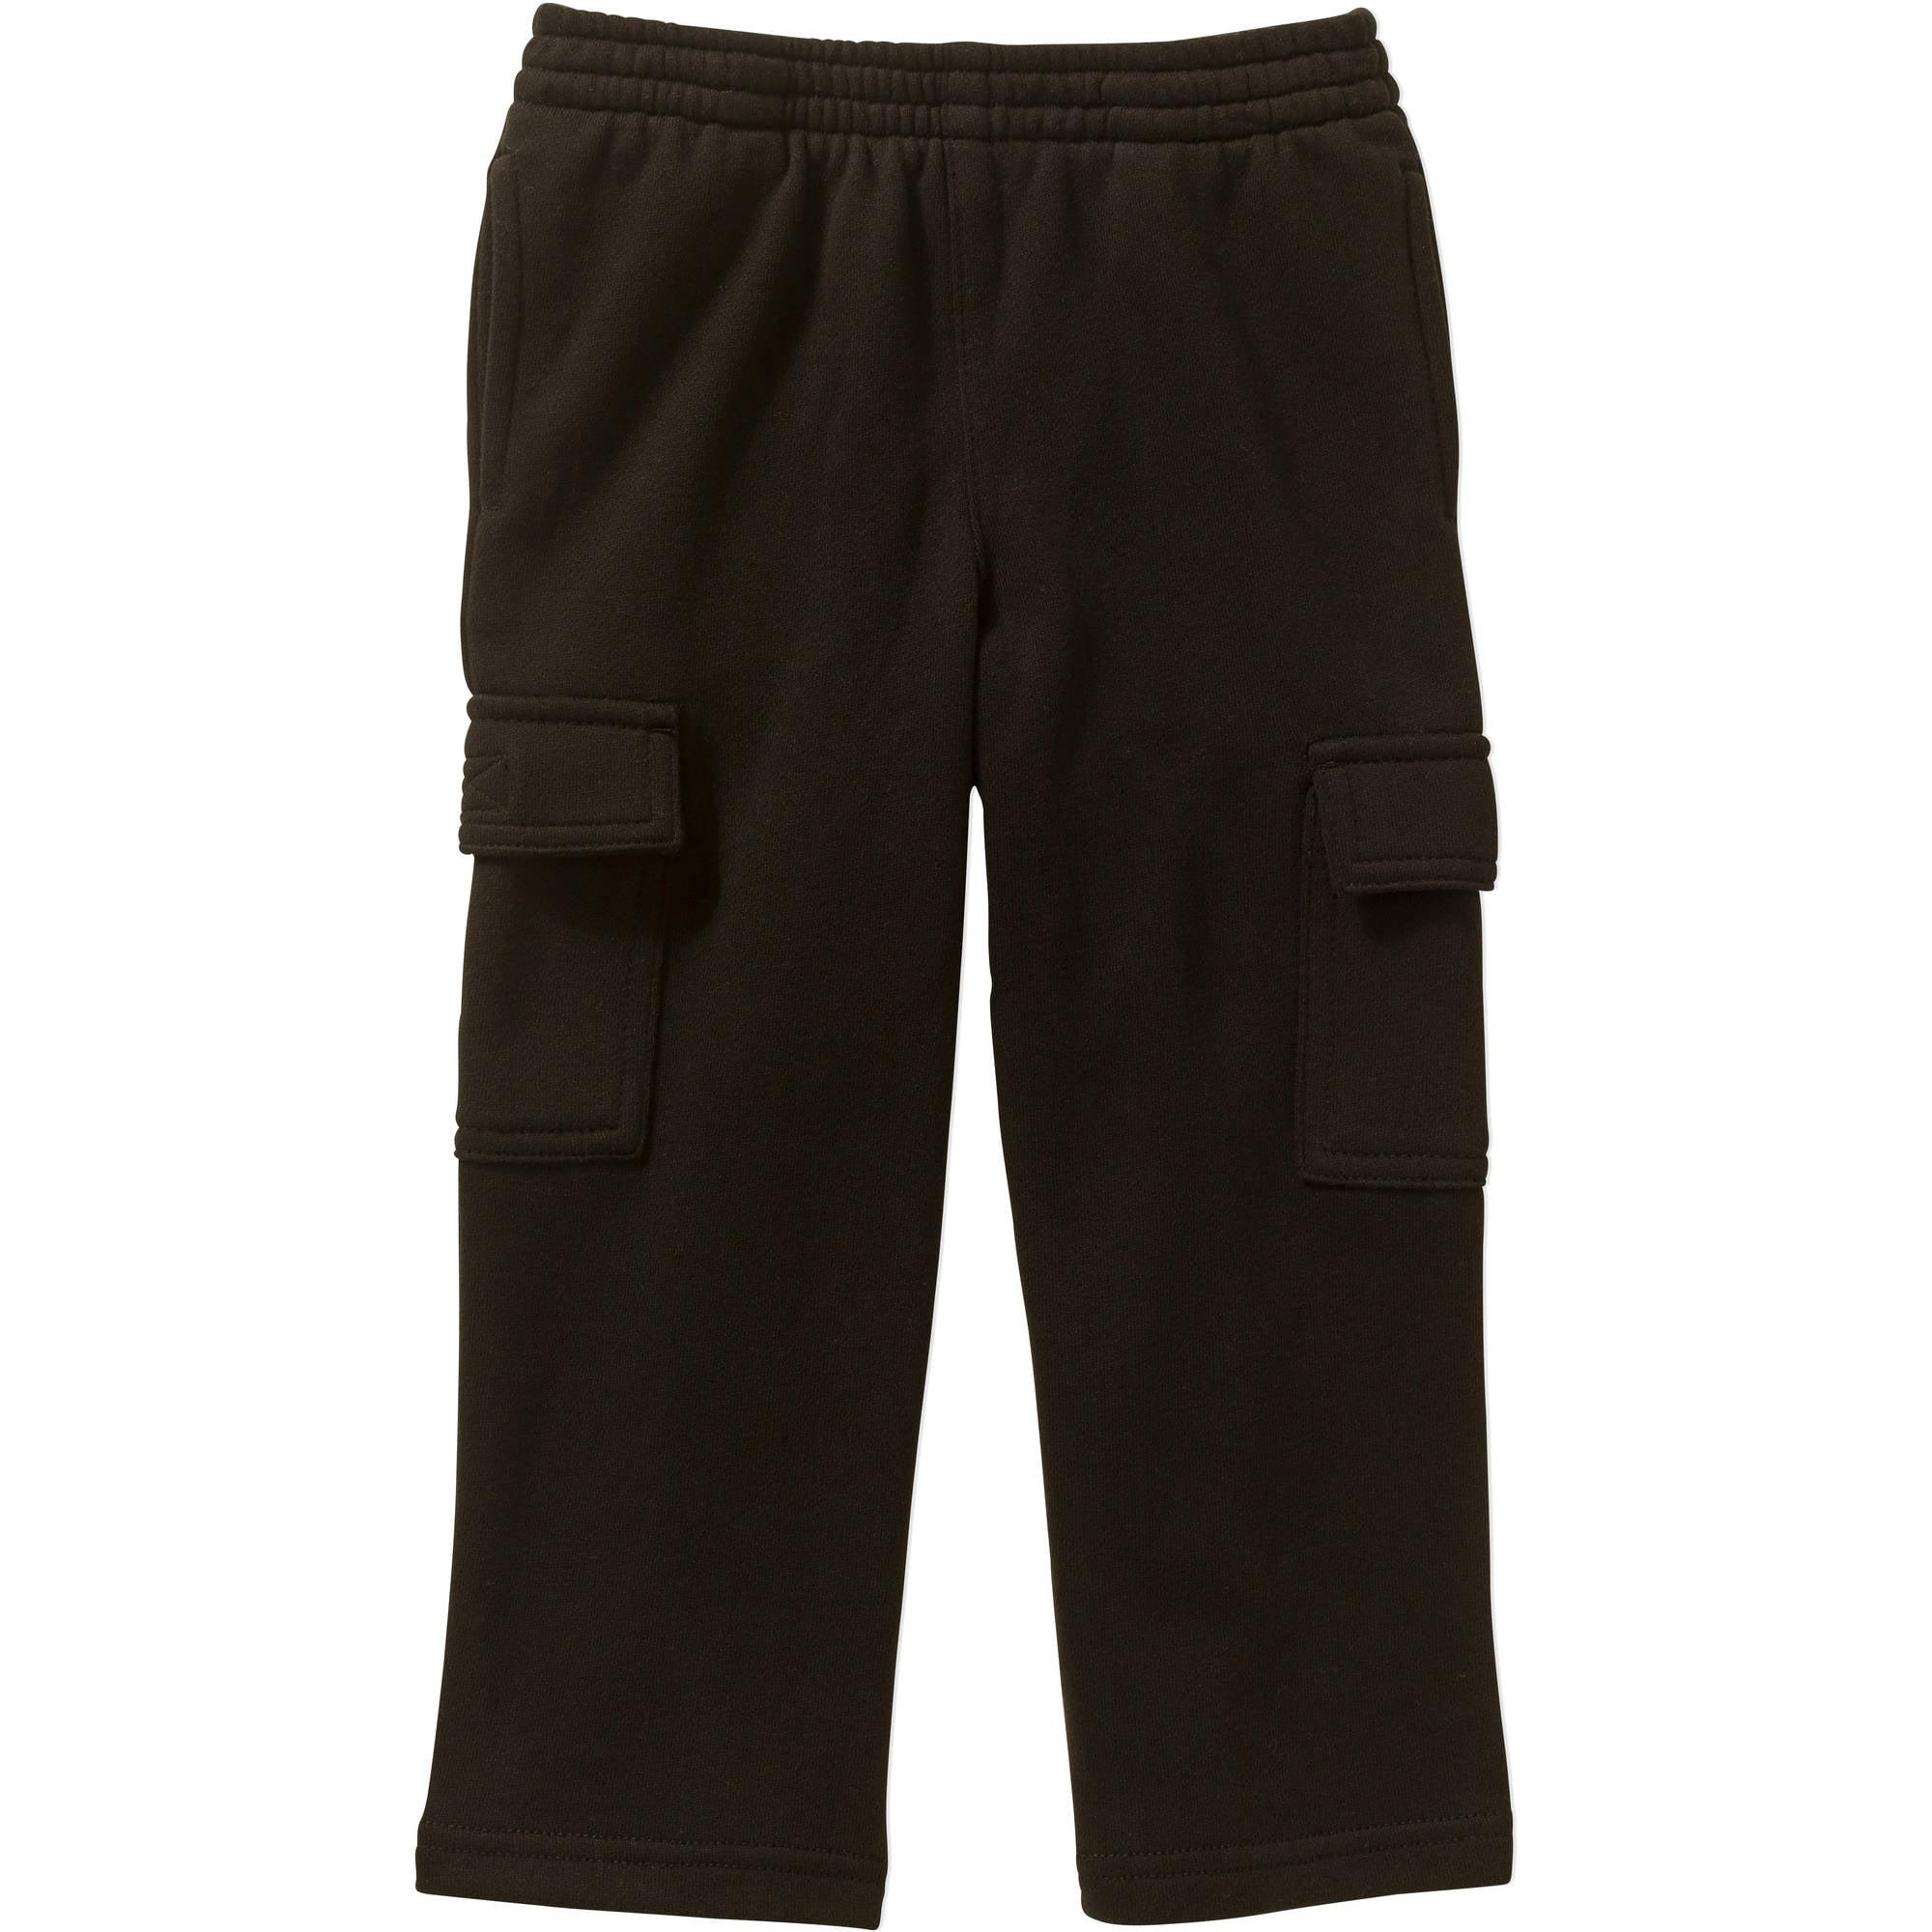 Healthtex Toddler Boys' Fleece Cargo Pants